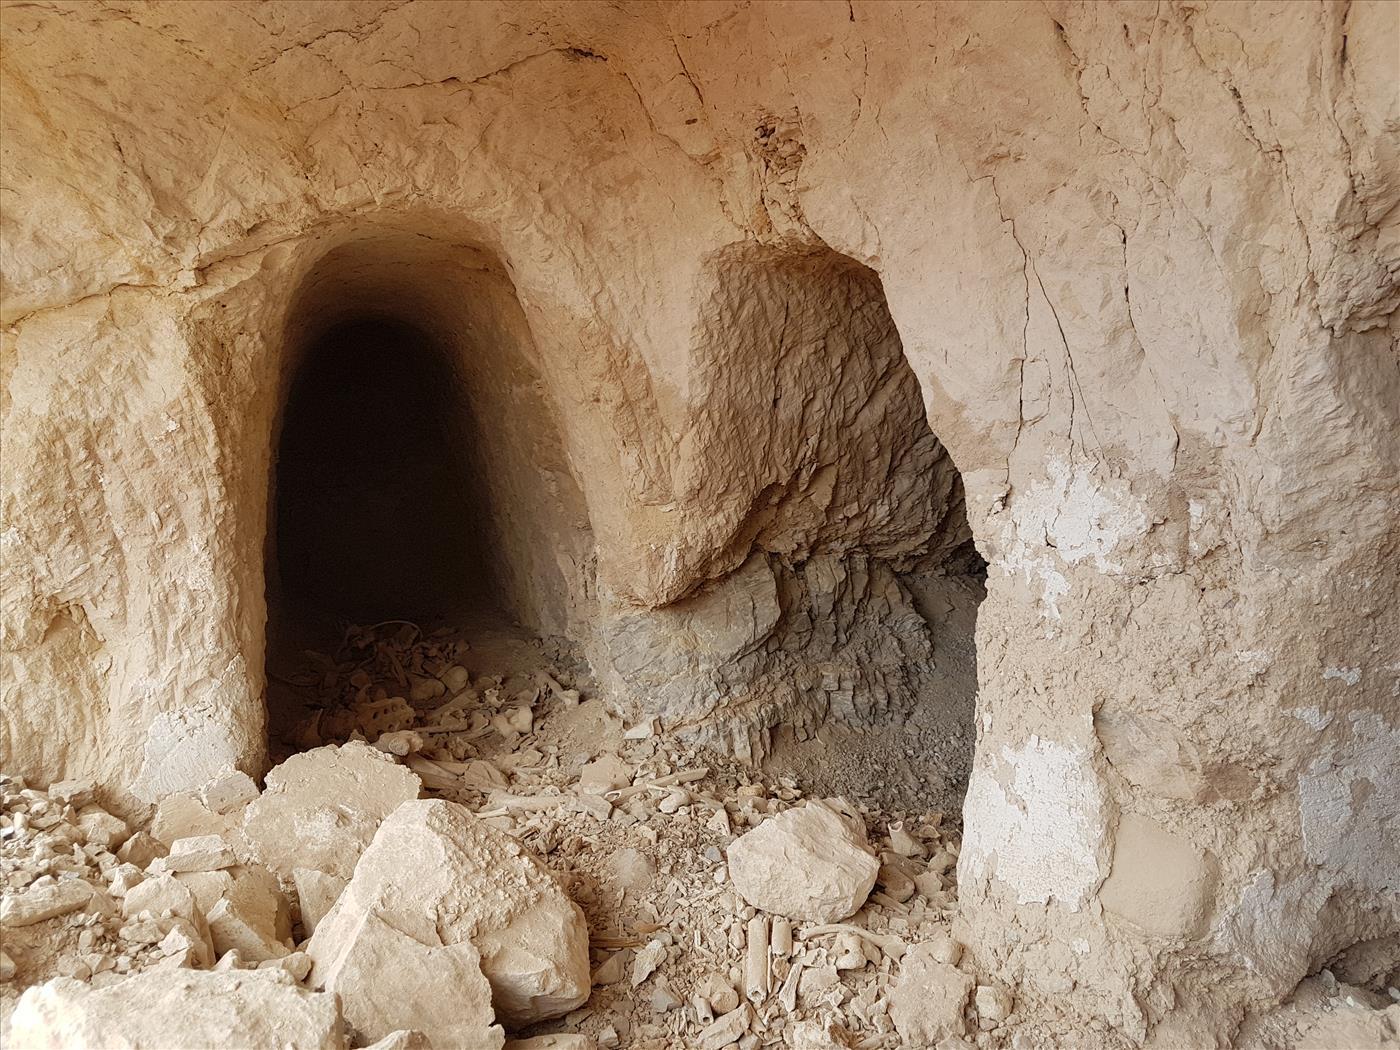 יריחו: ערבים אטמו מערות קבורה בבטון